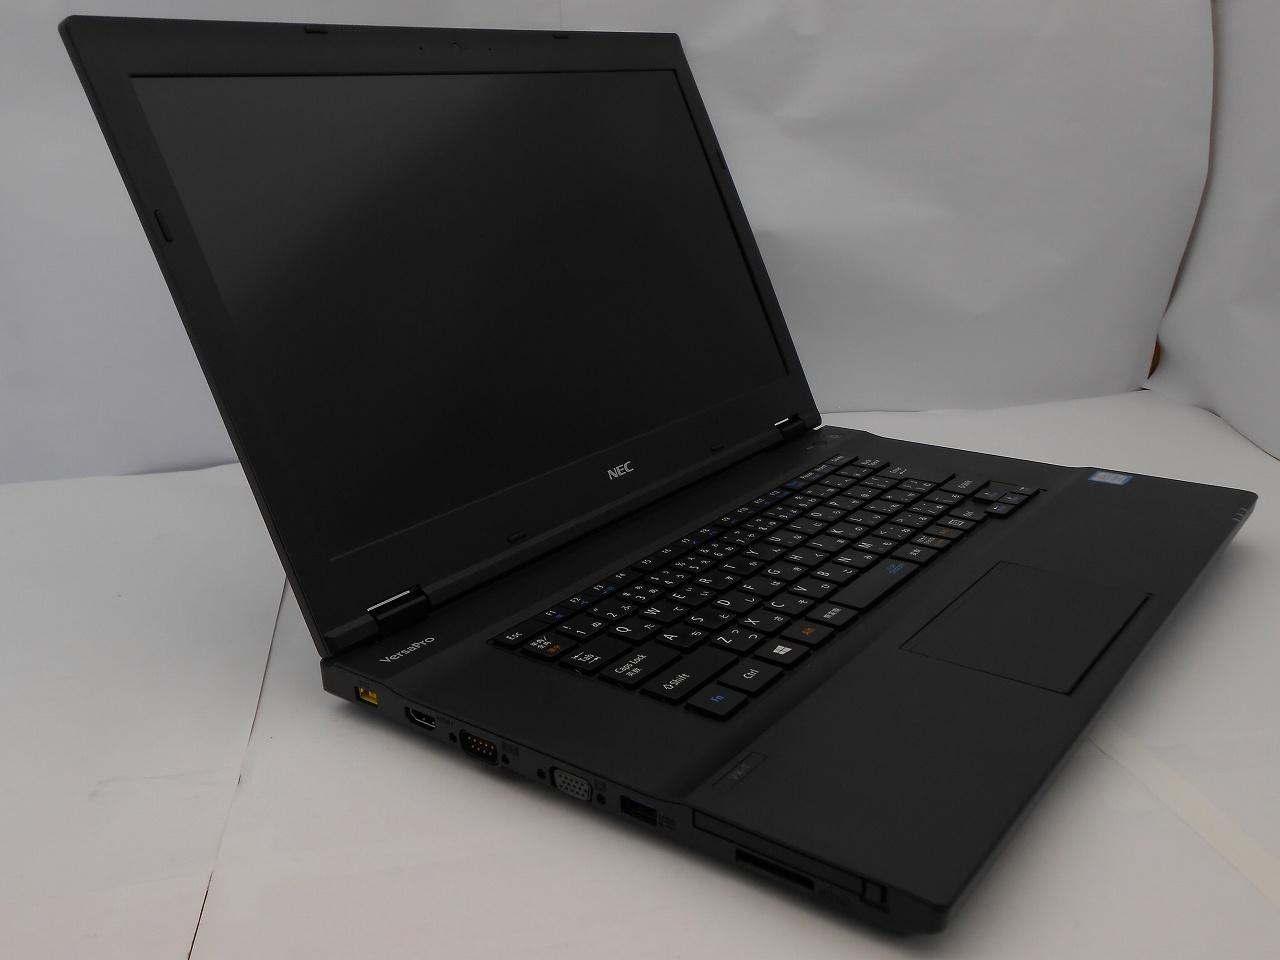 【中古】 NEC VersaPro VK23T/X-T/2016年モデル/Corei5 6200U 2.3GHz/メモリ4GB/SATA500GB/15インチ/Windows10Home【3ヶ月保証】【足立店発送】